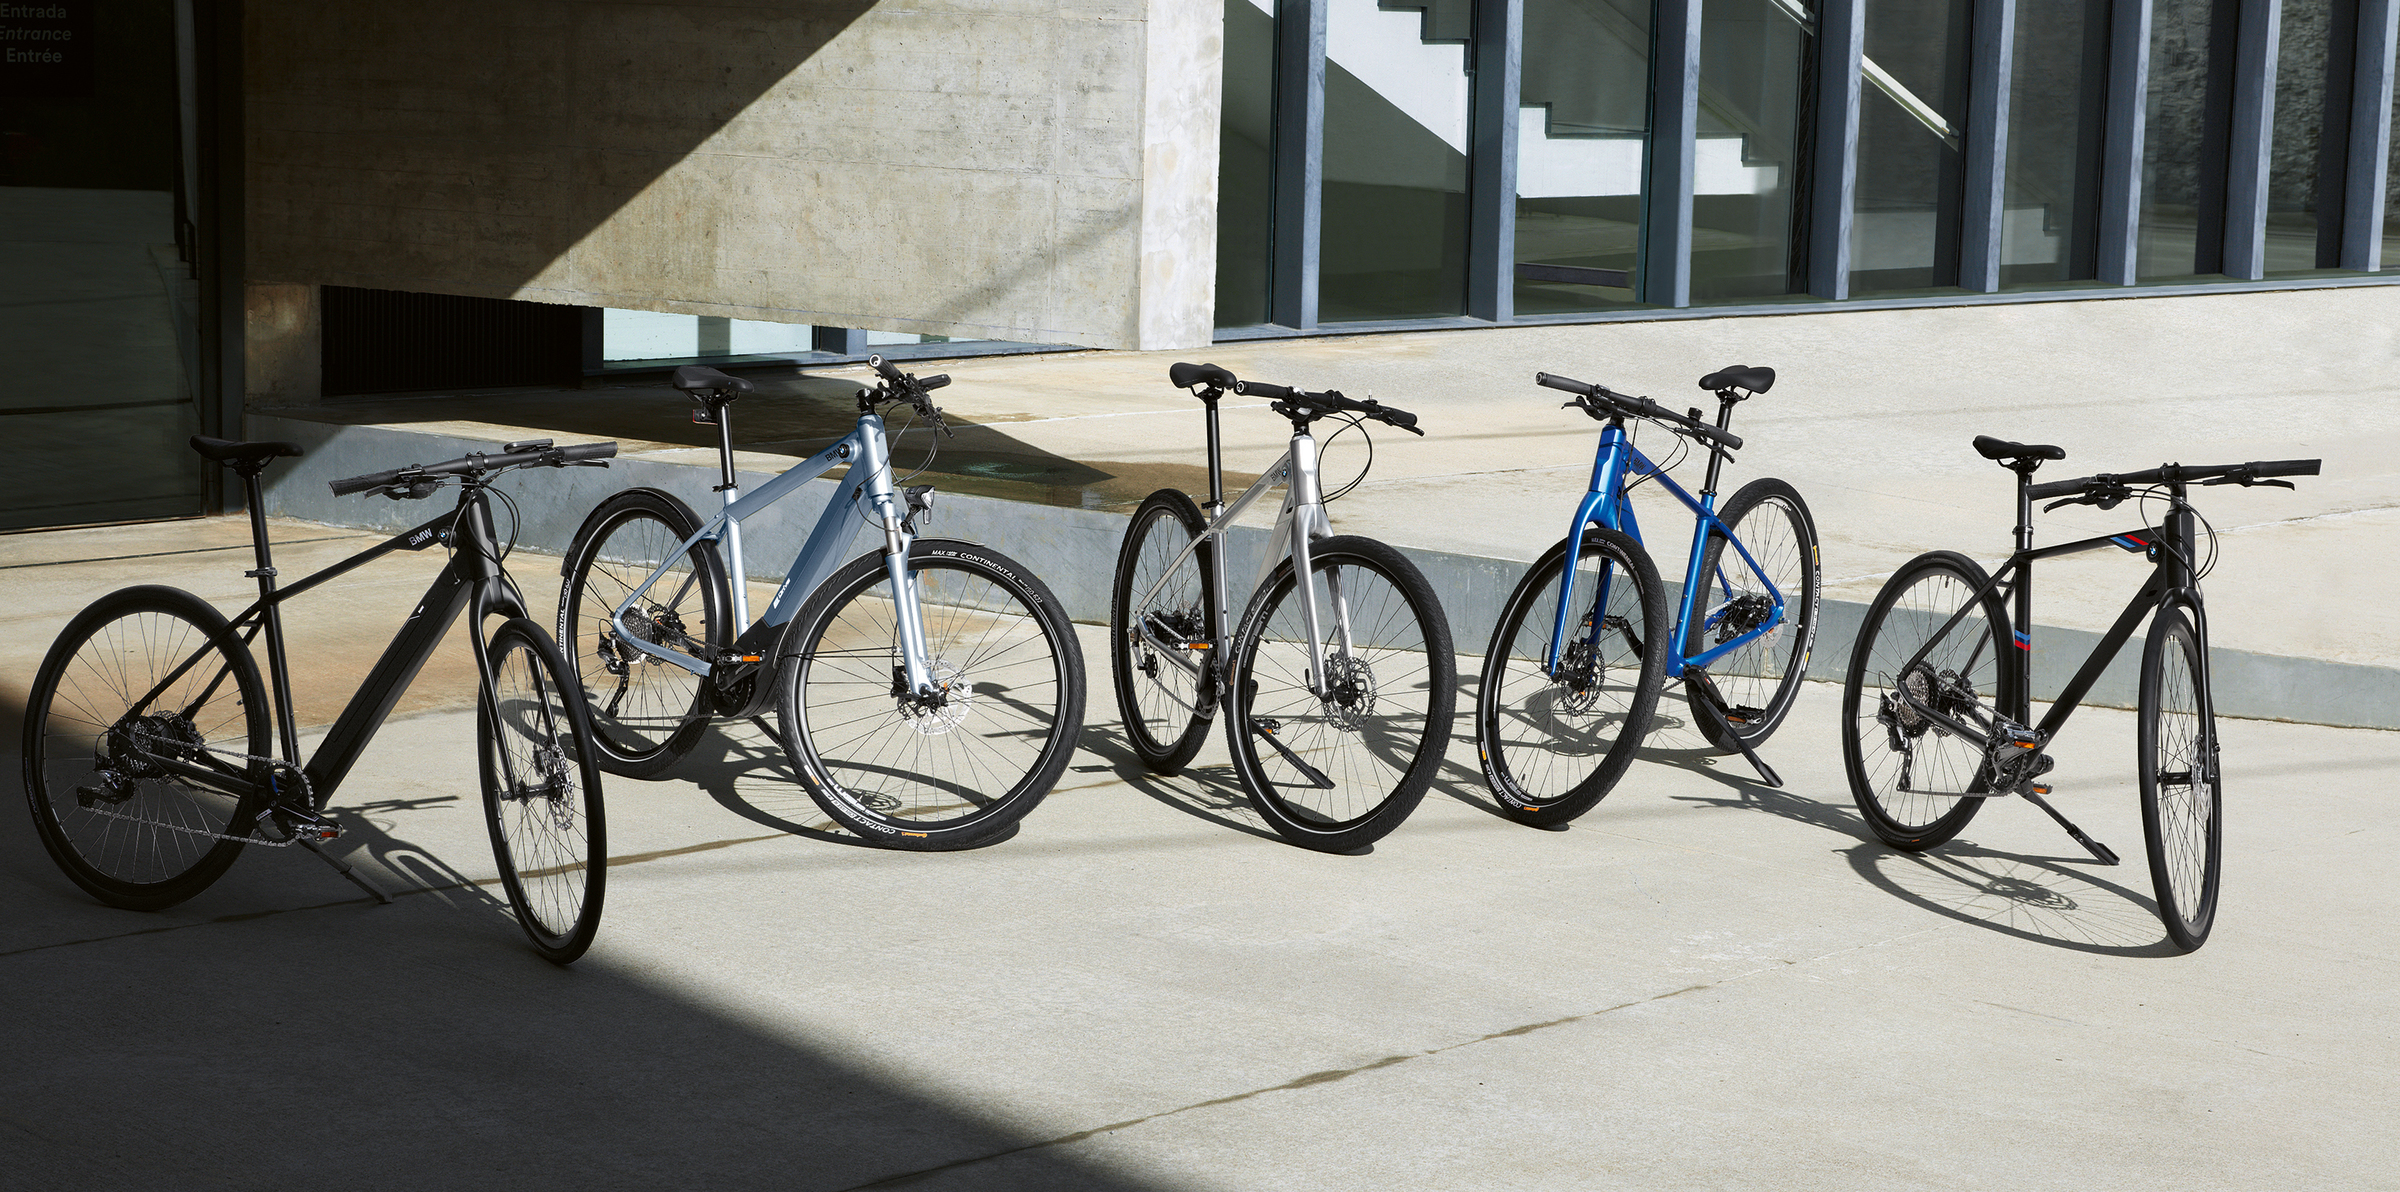 BMW Fahrräder im Überblick